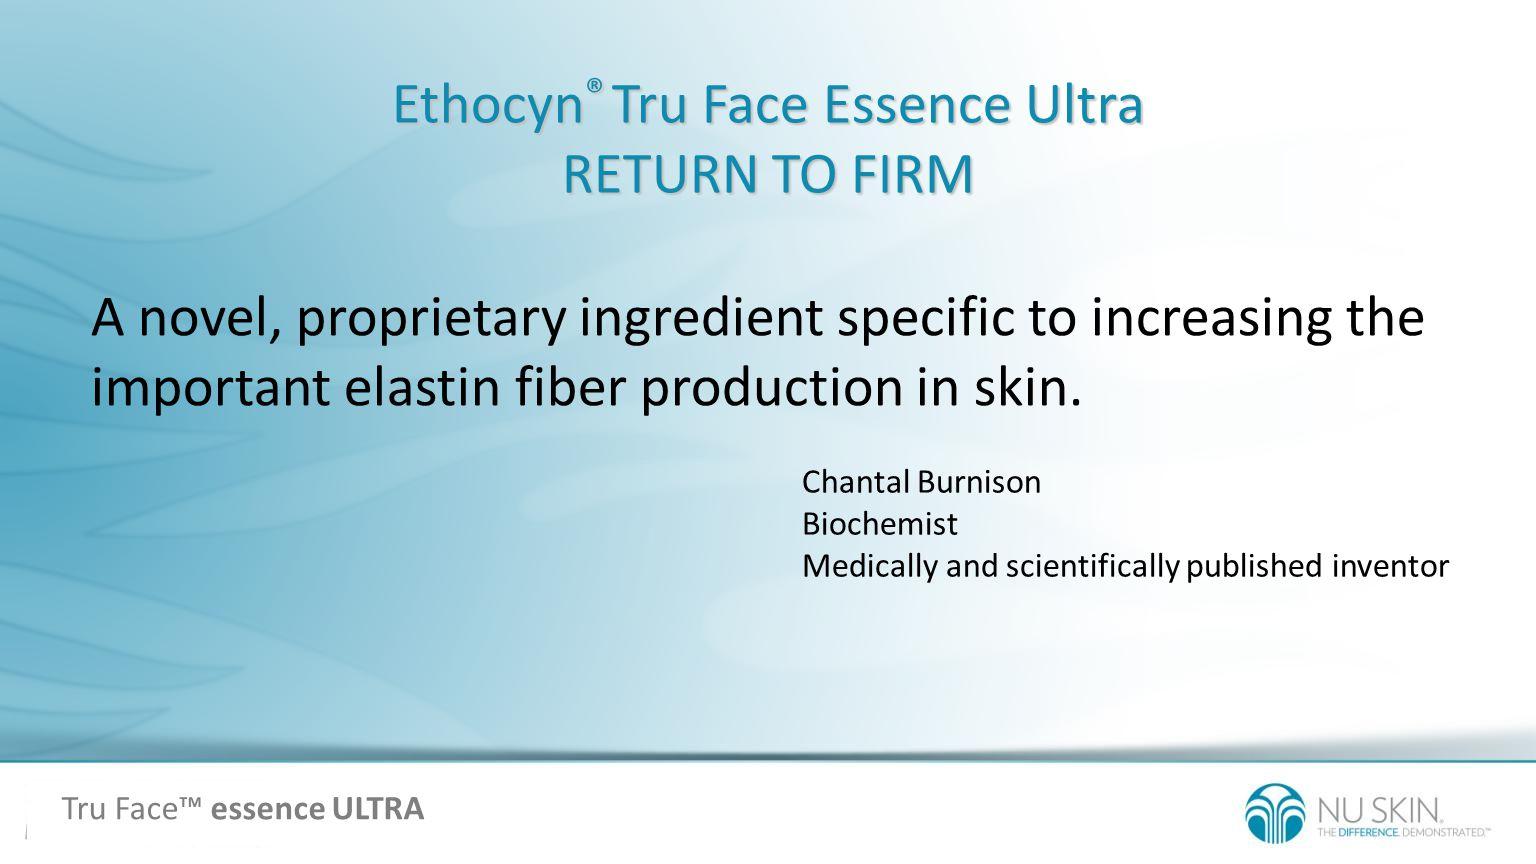 Ethocyn® Tru Face Essence Ultra RETURN TO FIRM